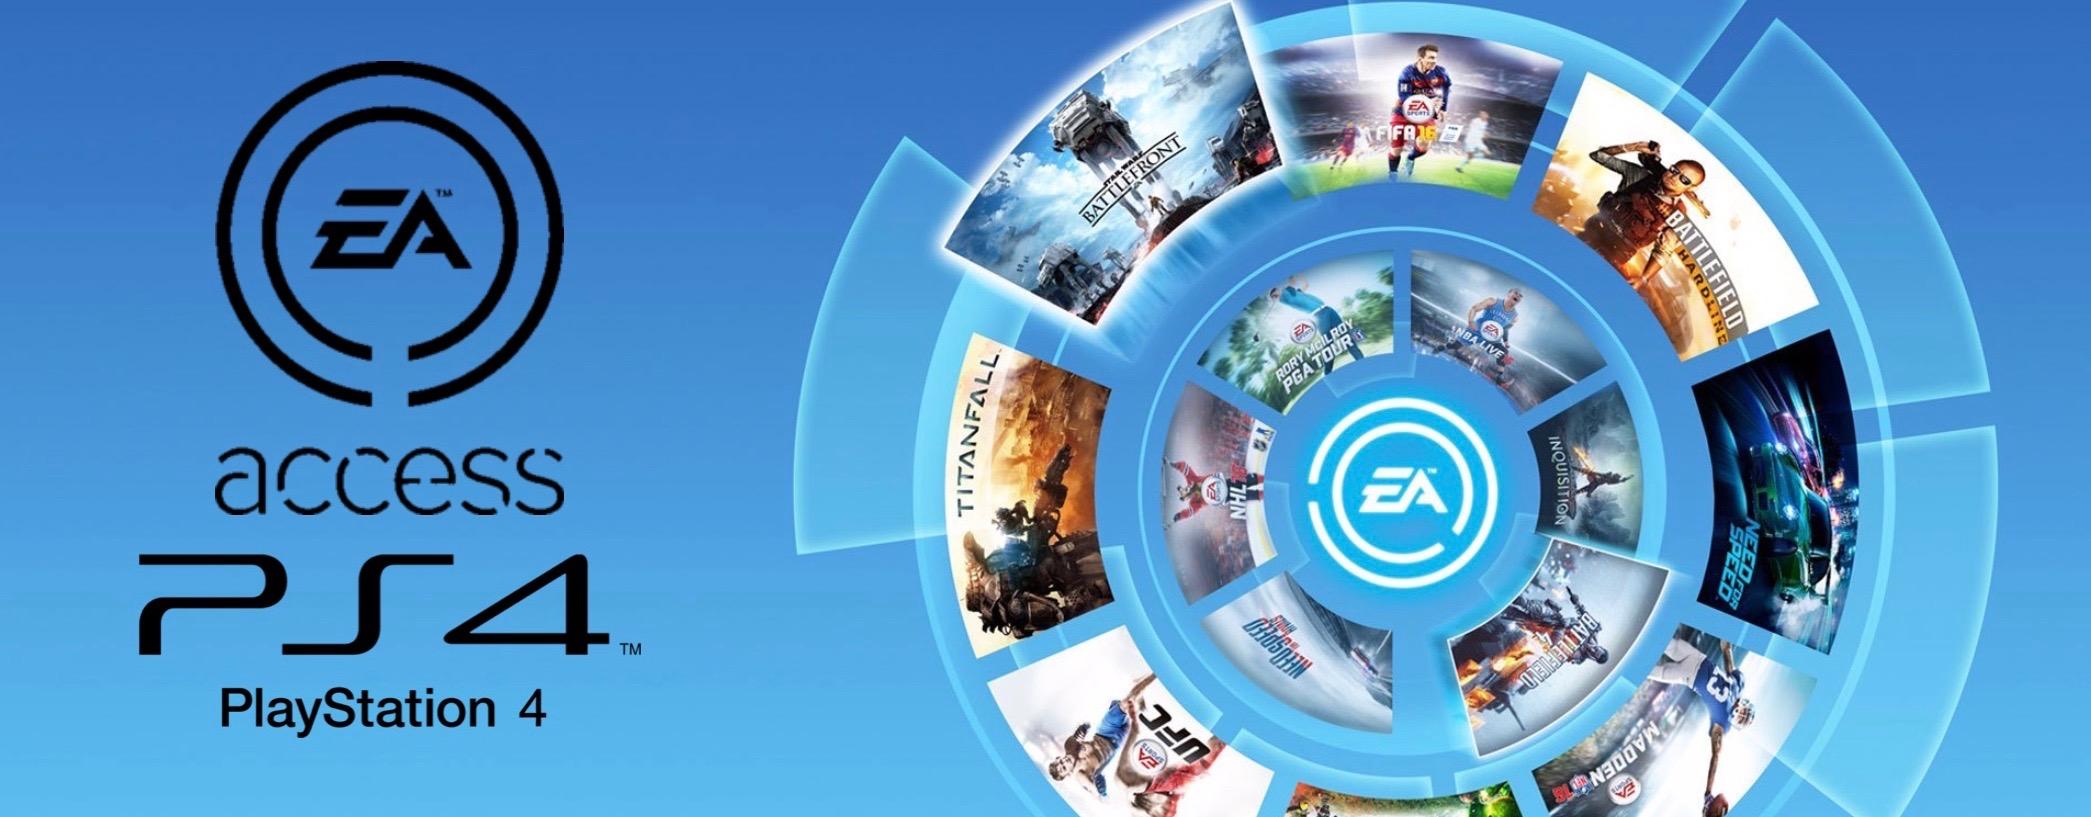 EA Access gibt es bald auf der PS4 – Was bringt es Euch als Spieler?